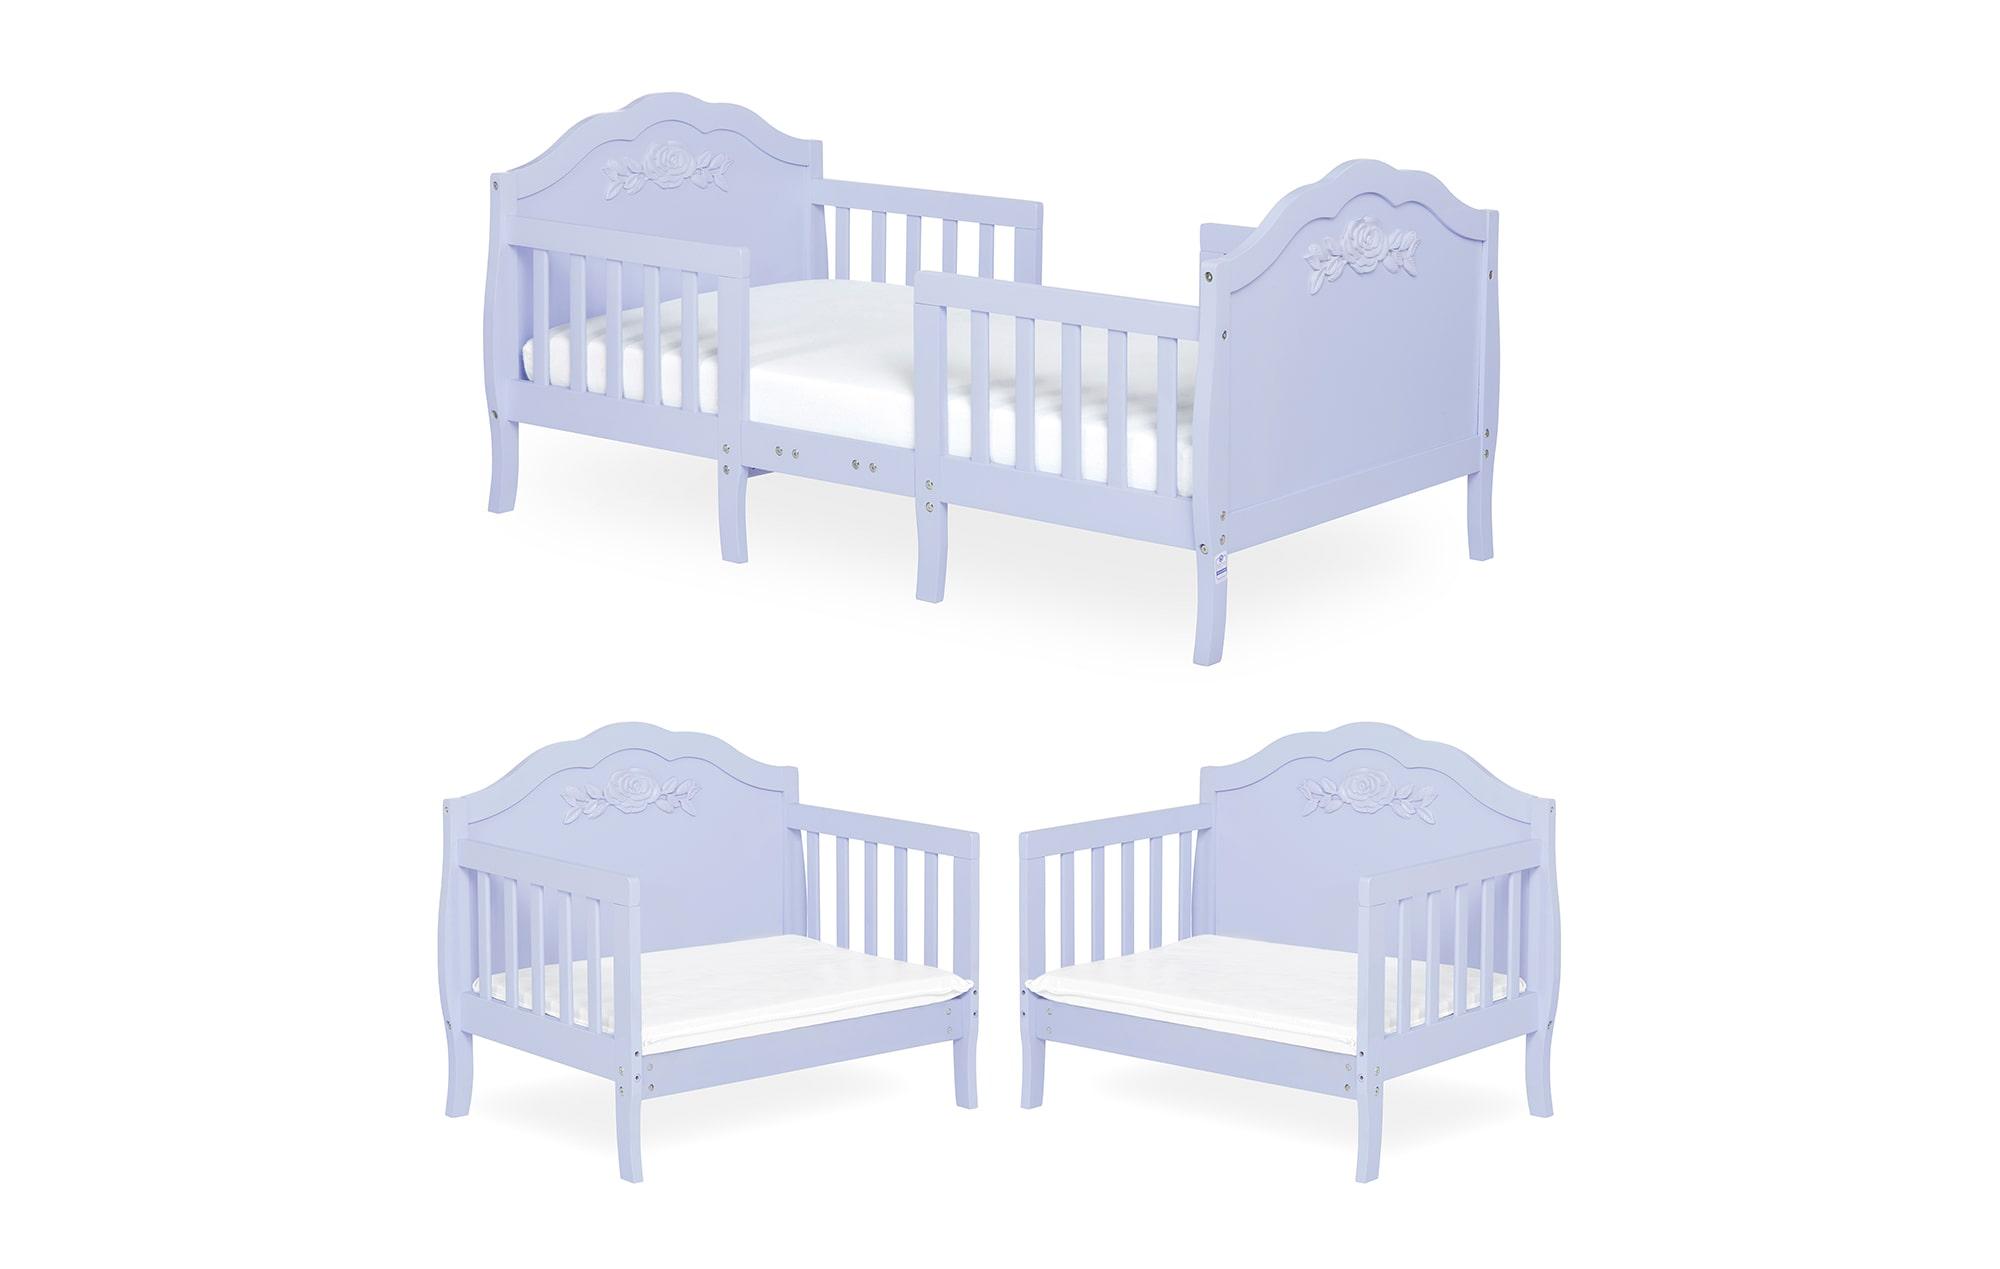 640_LAVD Rose Toddler Bed Collage 1